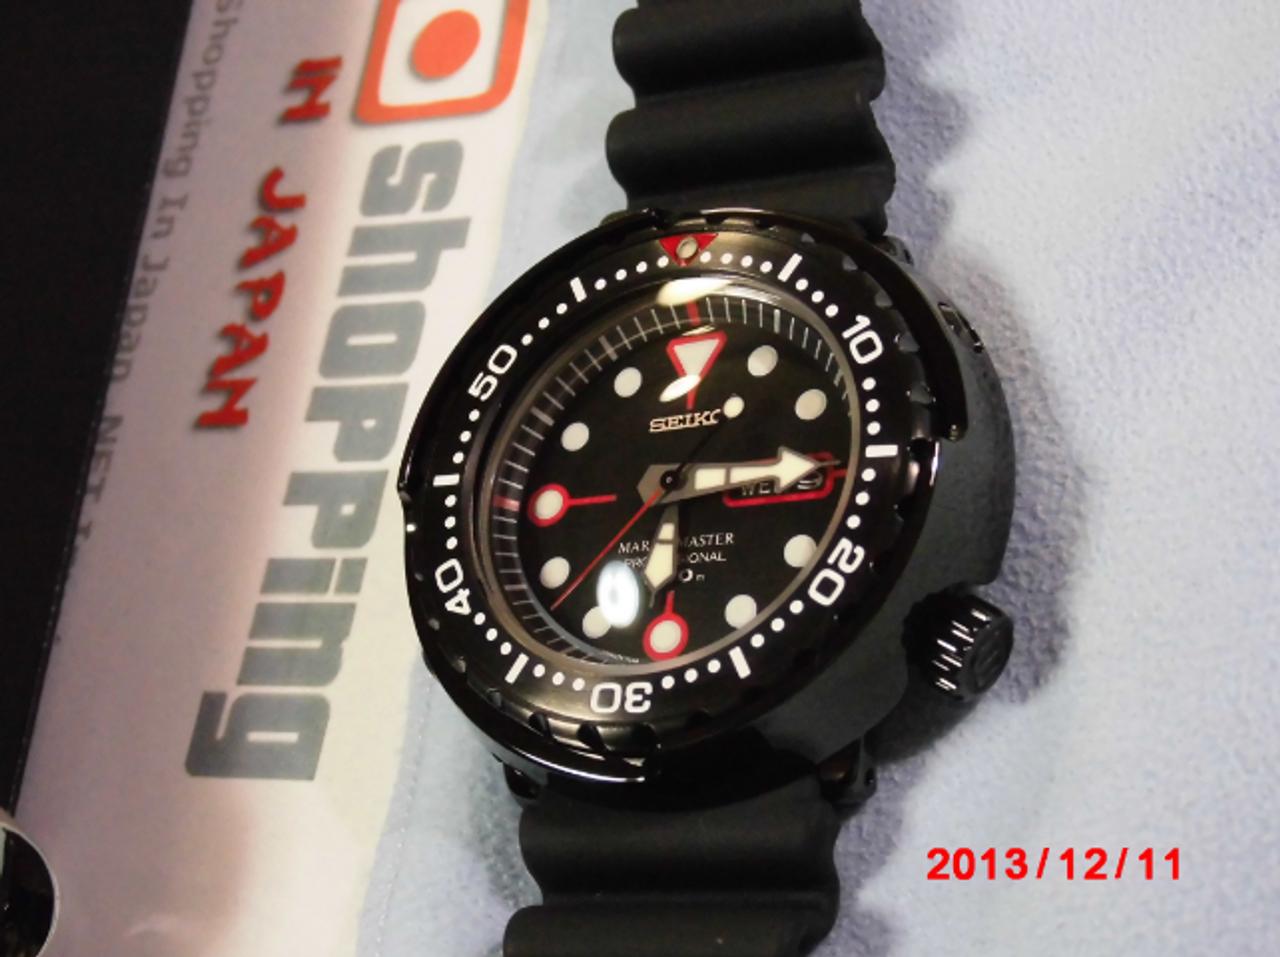 Seiko 22mm Rubber Strap DFL3EB for SBDX011 & SBBN013